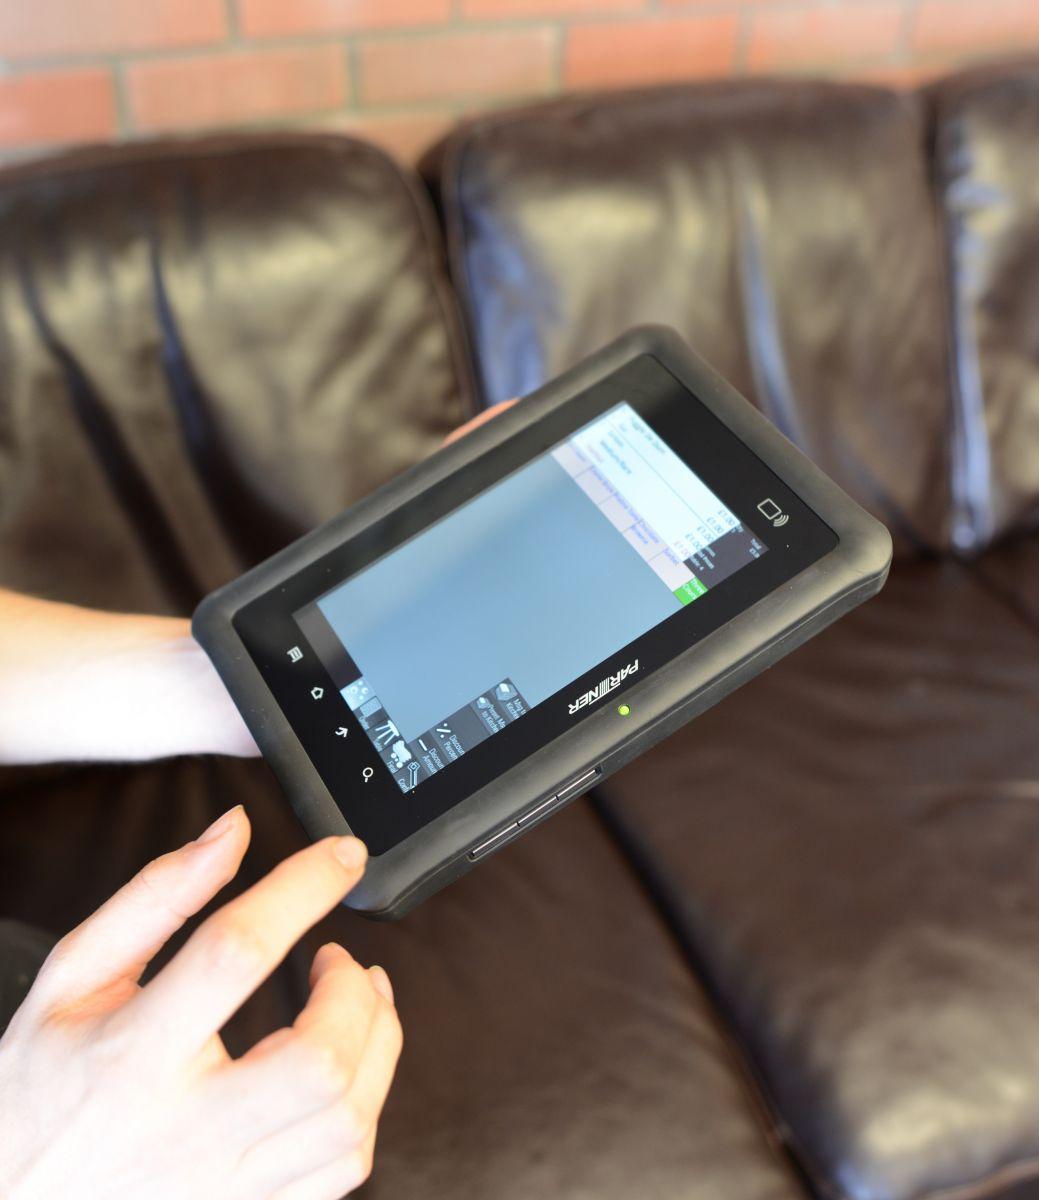 Partner EM70 tablet